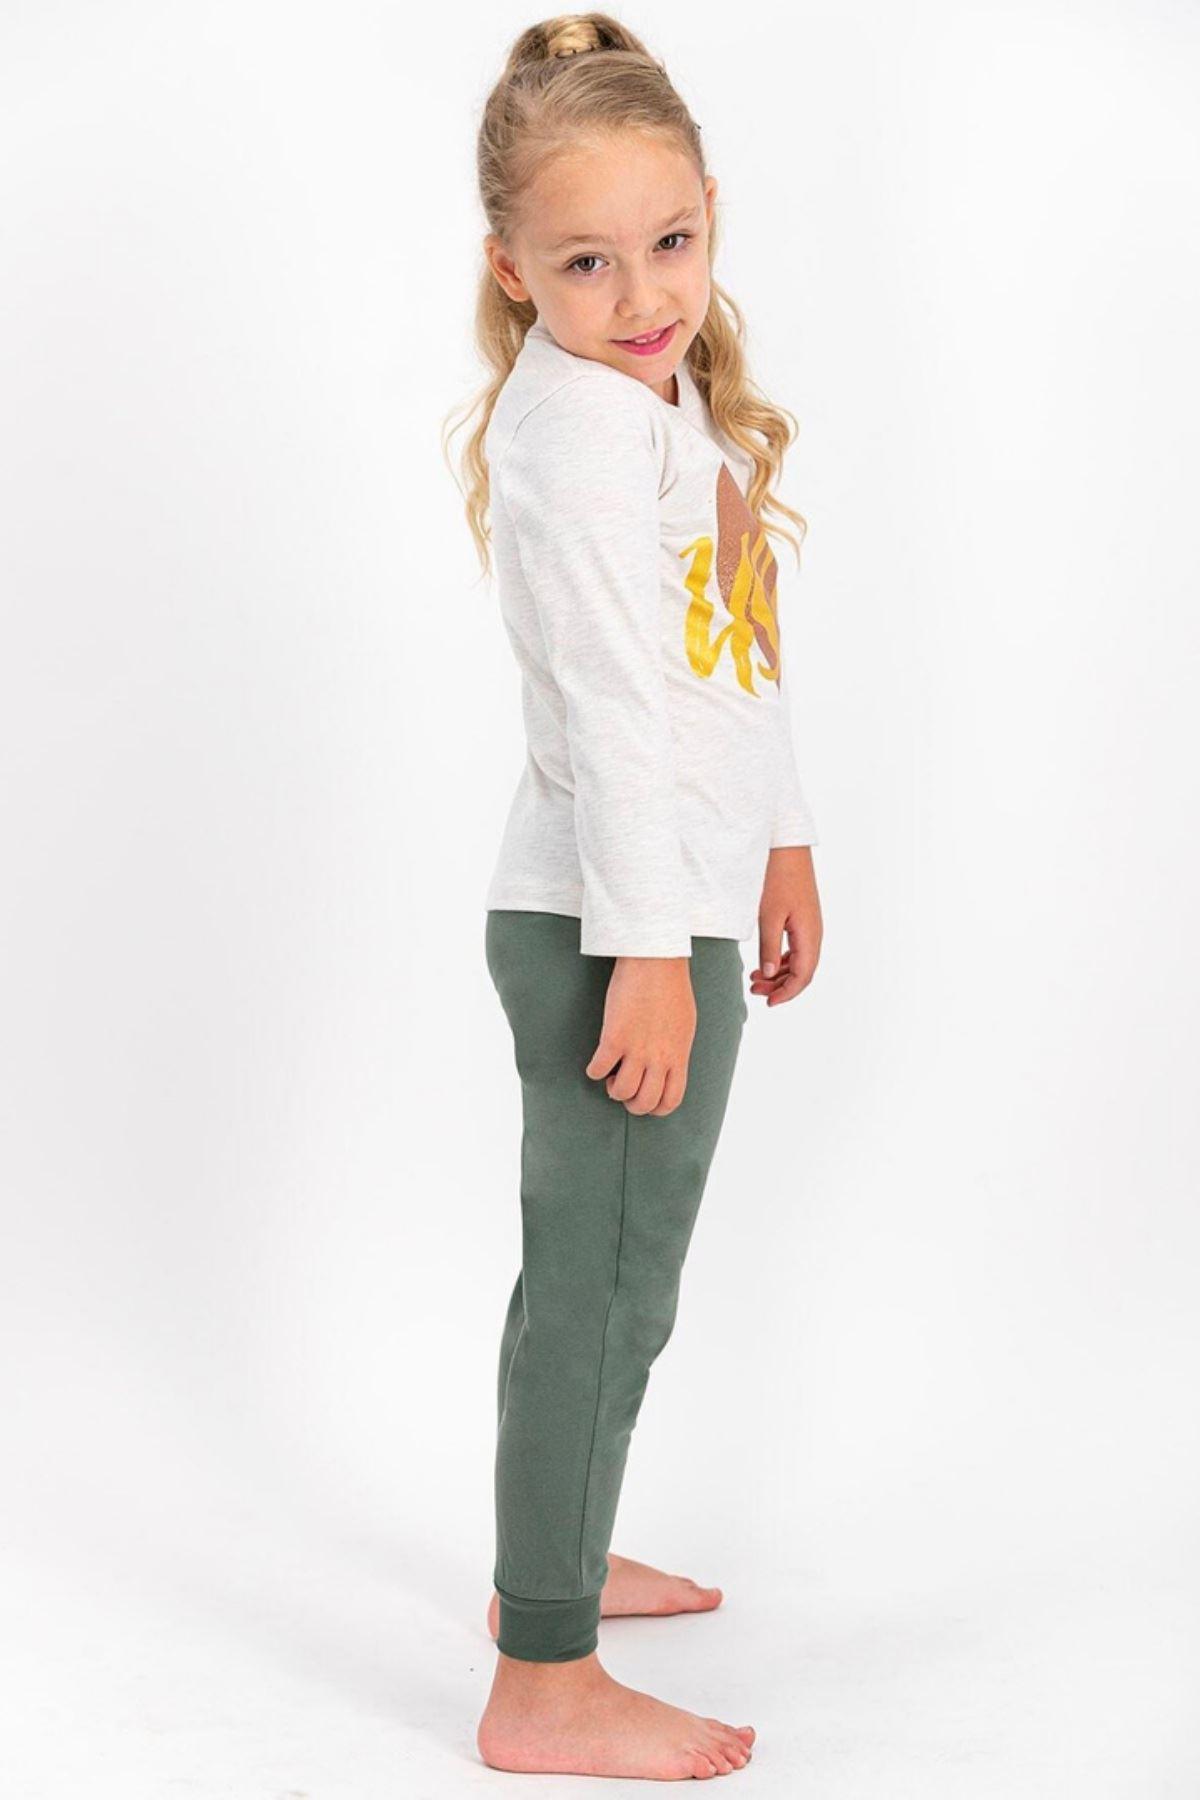 9-15 Yaş Us Polo Assn Lisanslı Kız Çocuk Takım